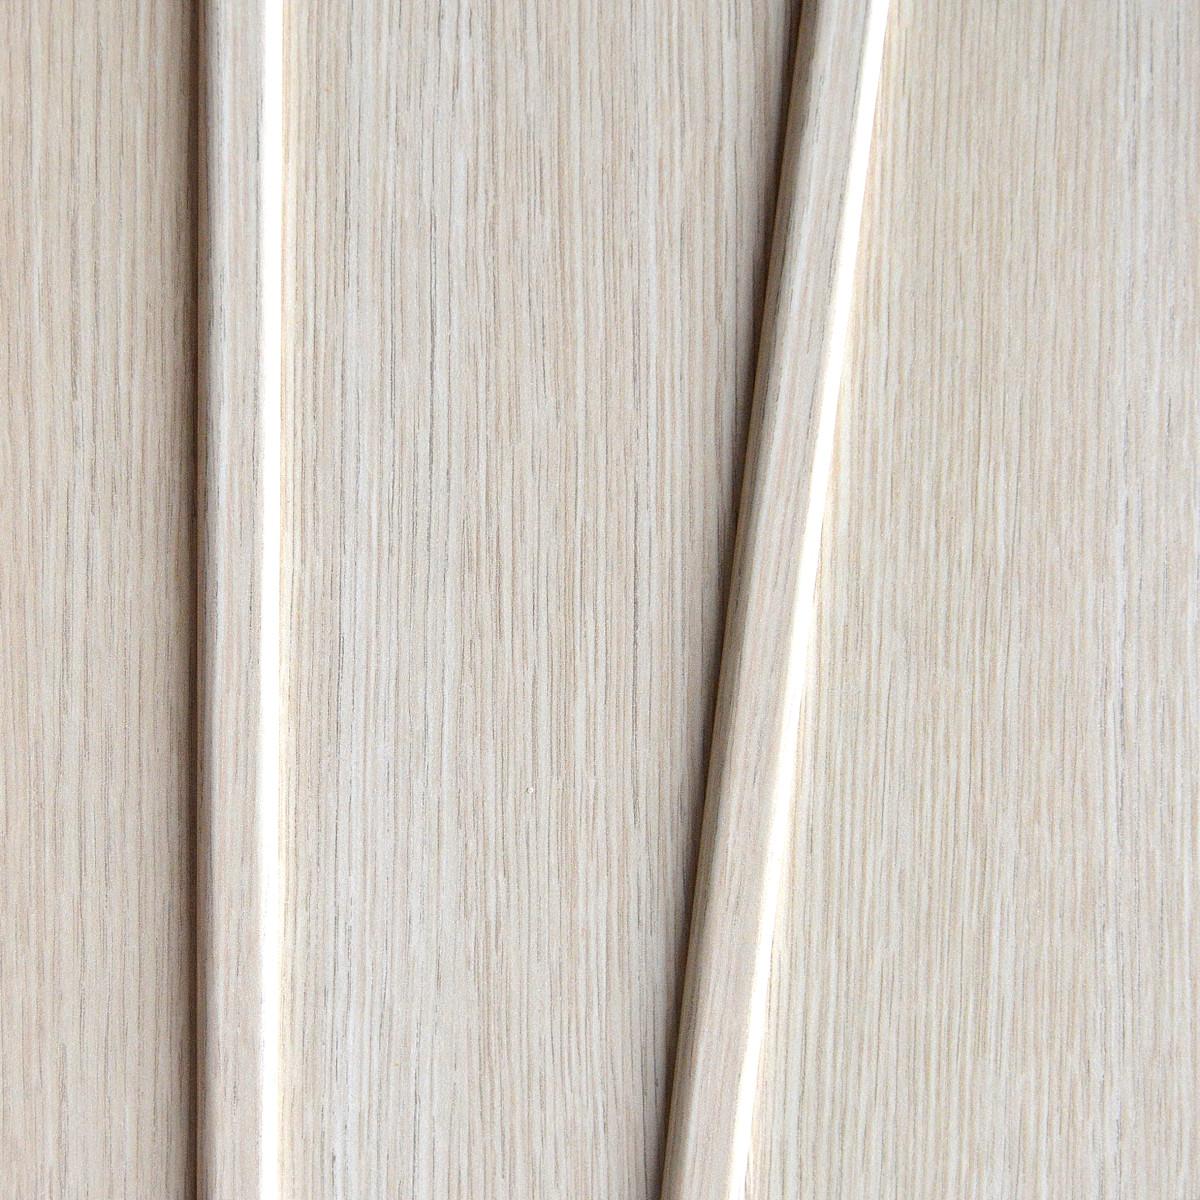 Дверь Межкомнатная Глухая Ламинированная Белеза 80x200 Цвет Белый Дуб